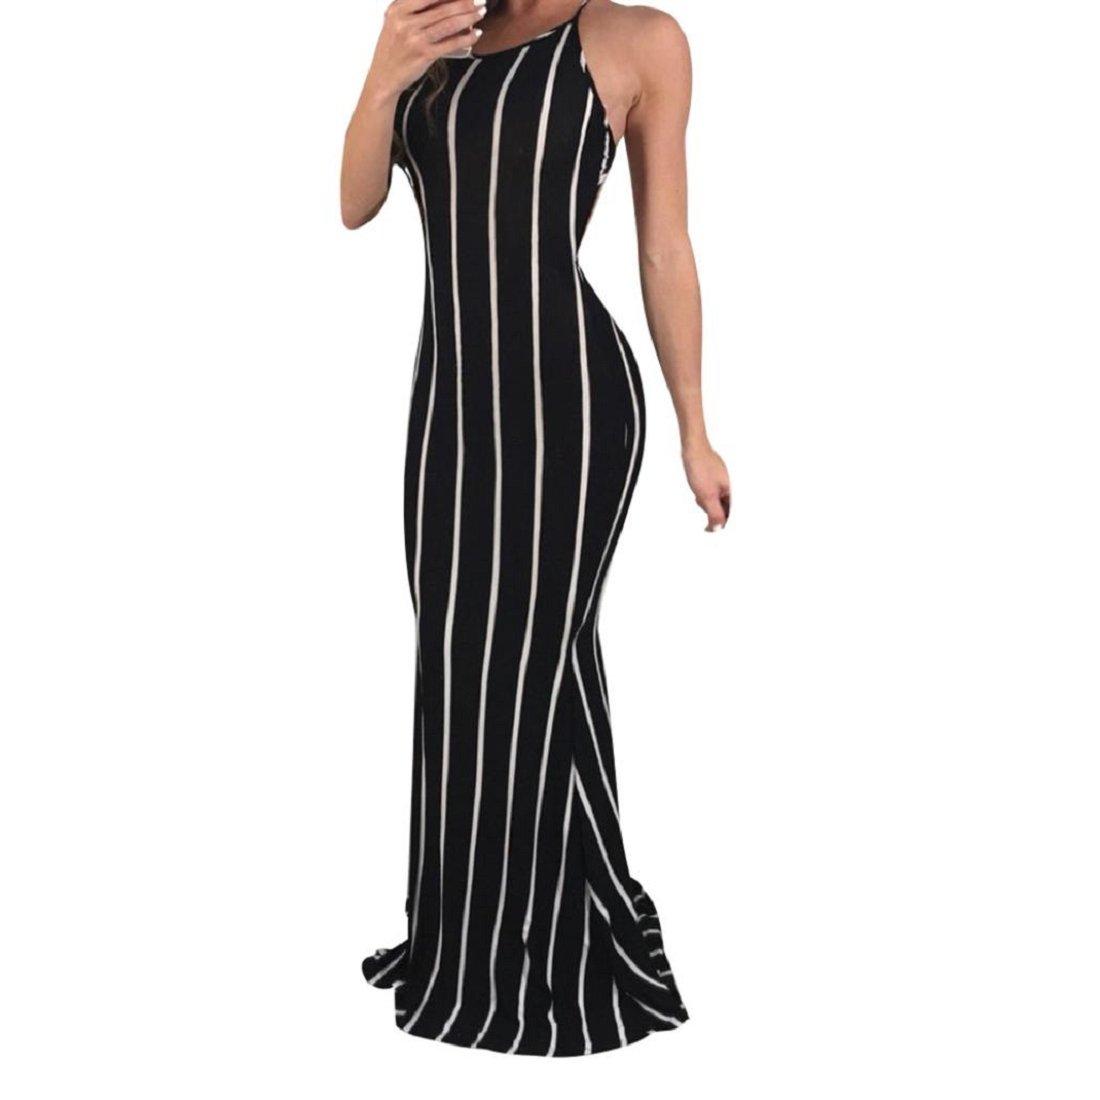 GONKOMA Dresses Women's Summer Bodycon Long Dress Evening Party Dress Casual Sleeveless Beach Maix Dress (S, Black)